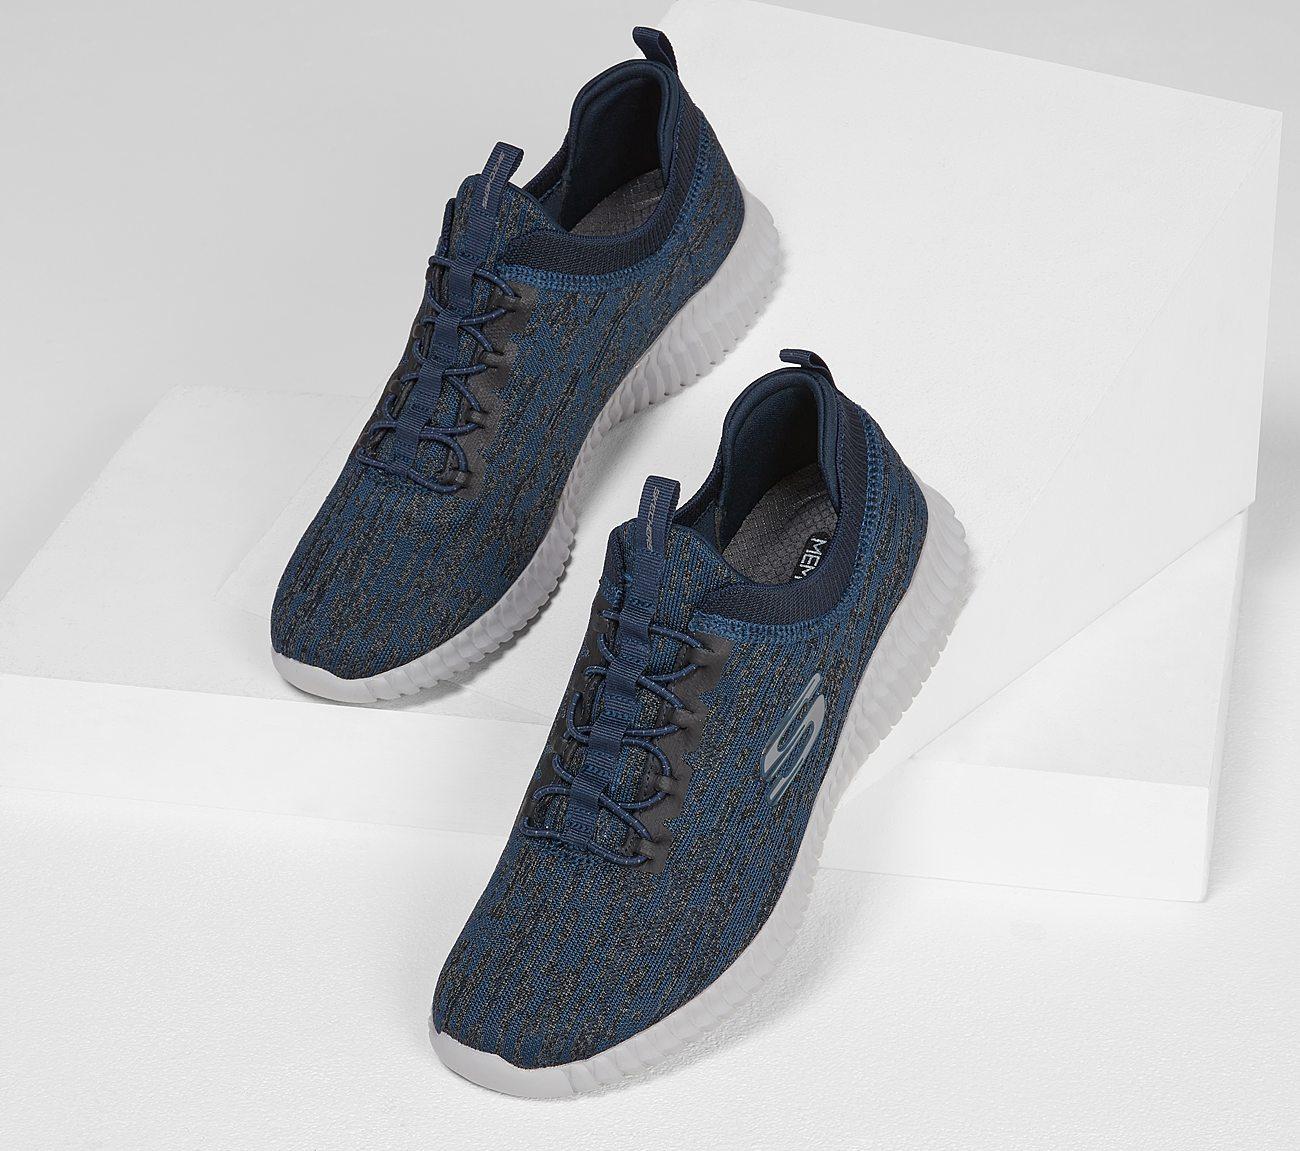 2269ae2340 Buy SKECHERS Elite Flex - Hartnell SKECHERS Sport Shoes only £65.00